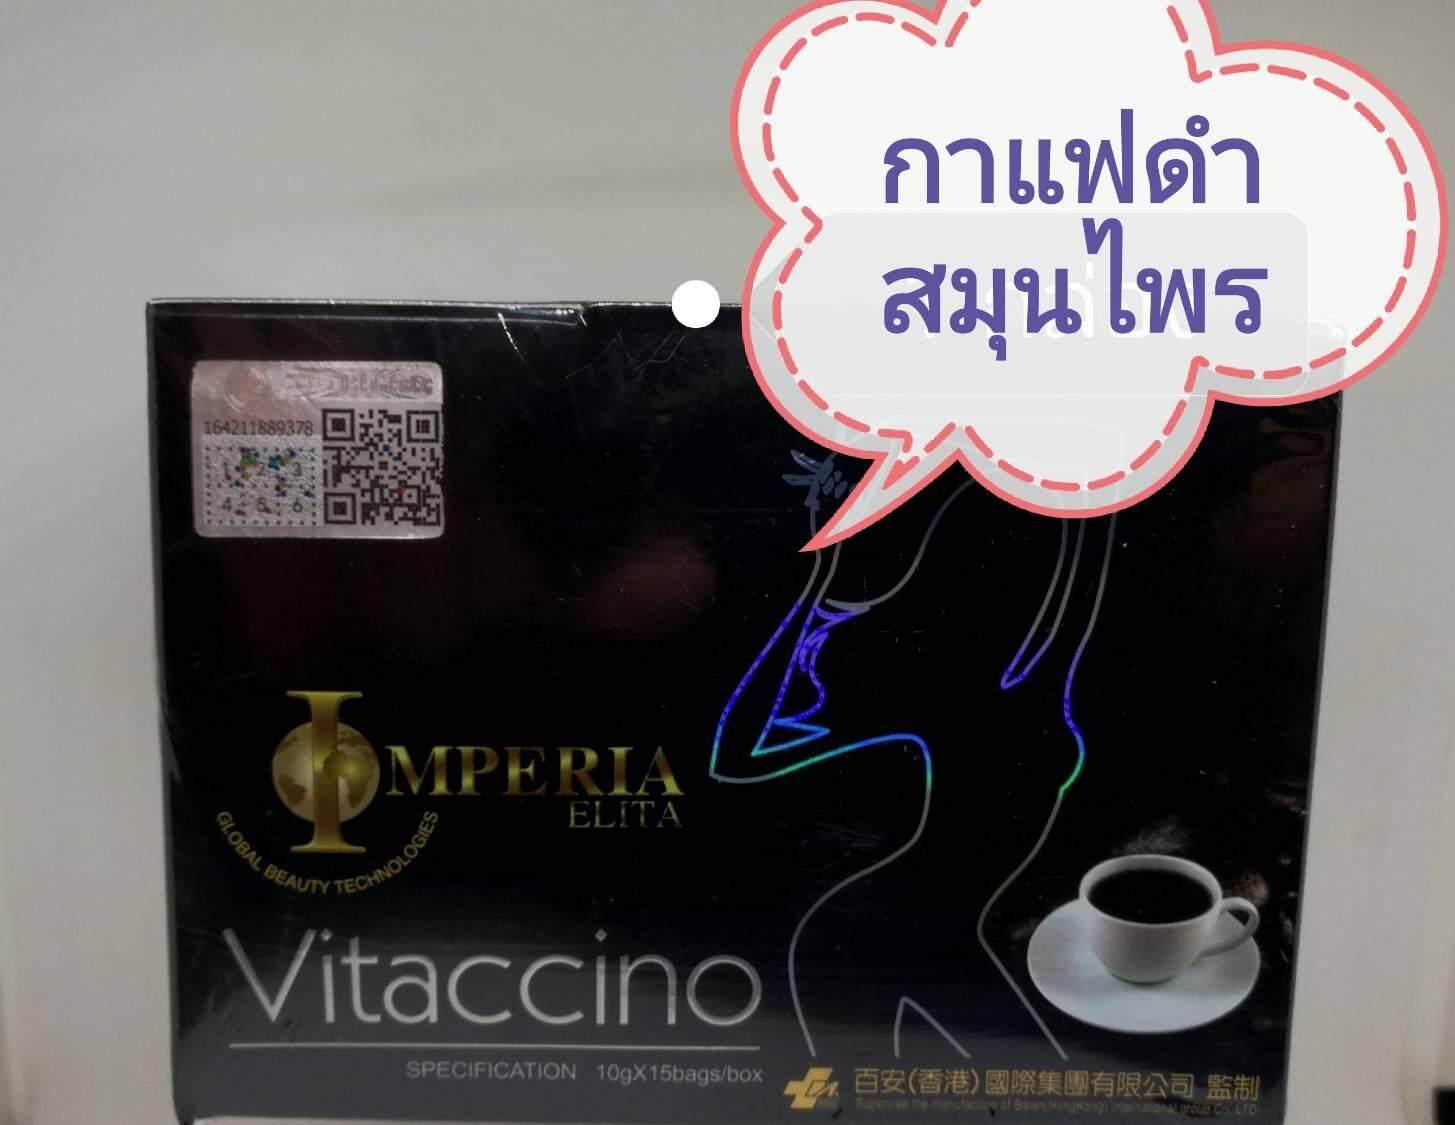 กาแฟ (ดำสั้น) ลดน้ำหนัก ไวแทคชิโน อีริต้า ตราบาร์โค๊ด สูตร 2 ดื้อยา เพิ่มถั่วขาวอิ่มเร็วเผาพลาญดีขึ้น (1กล่อง/15 ซอง).